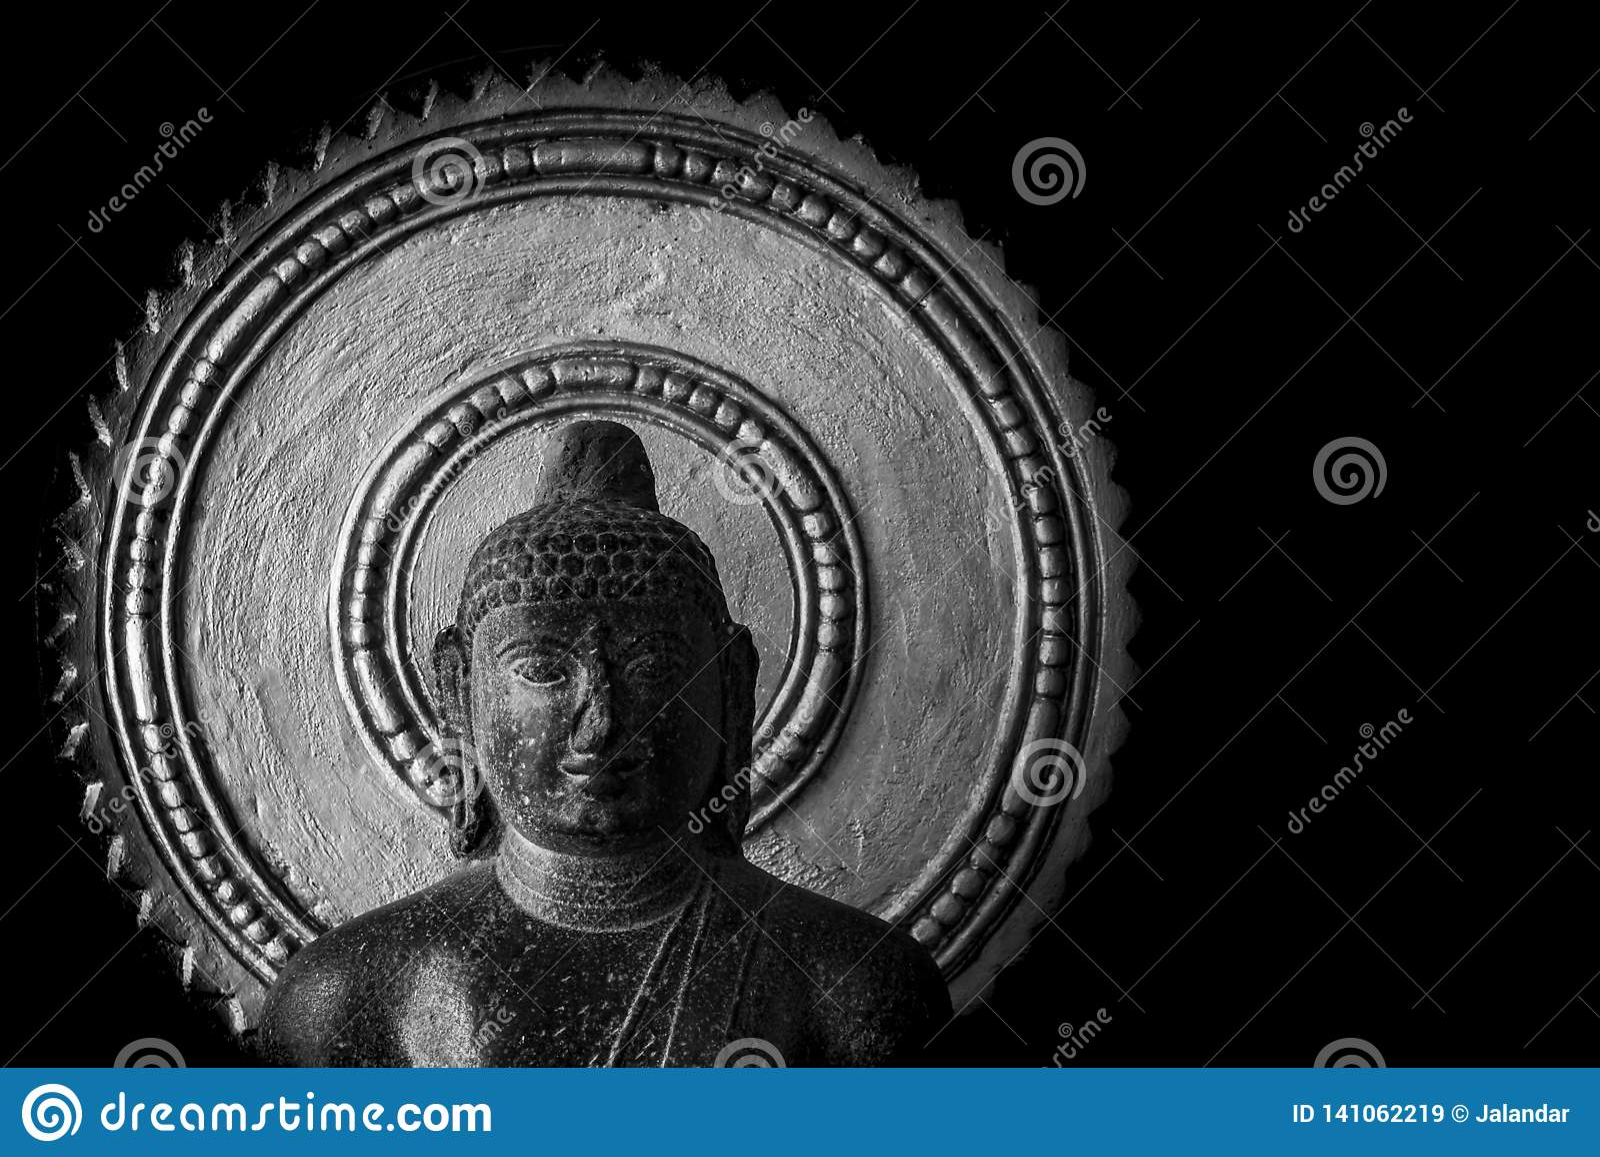 Estatua vieja de Buda tallada en la piedra - museo de Thanjavur